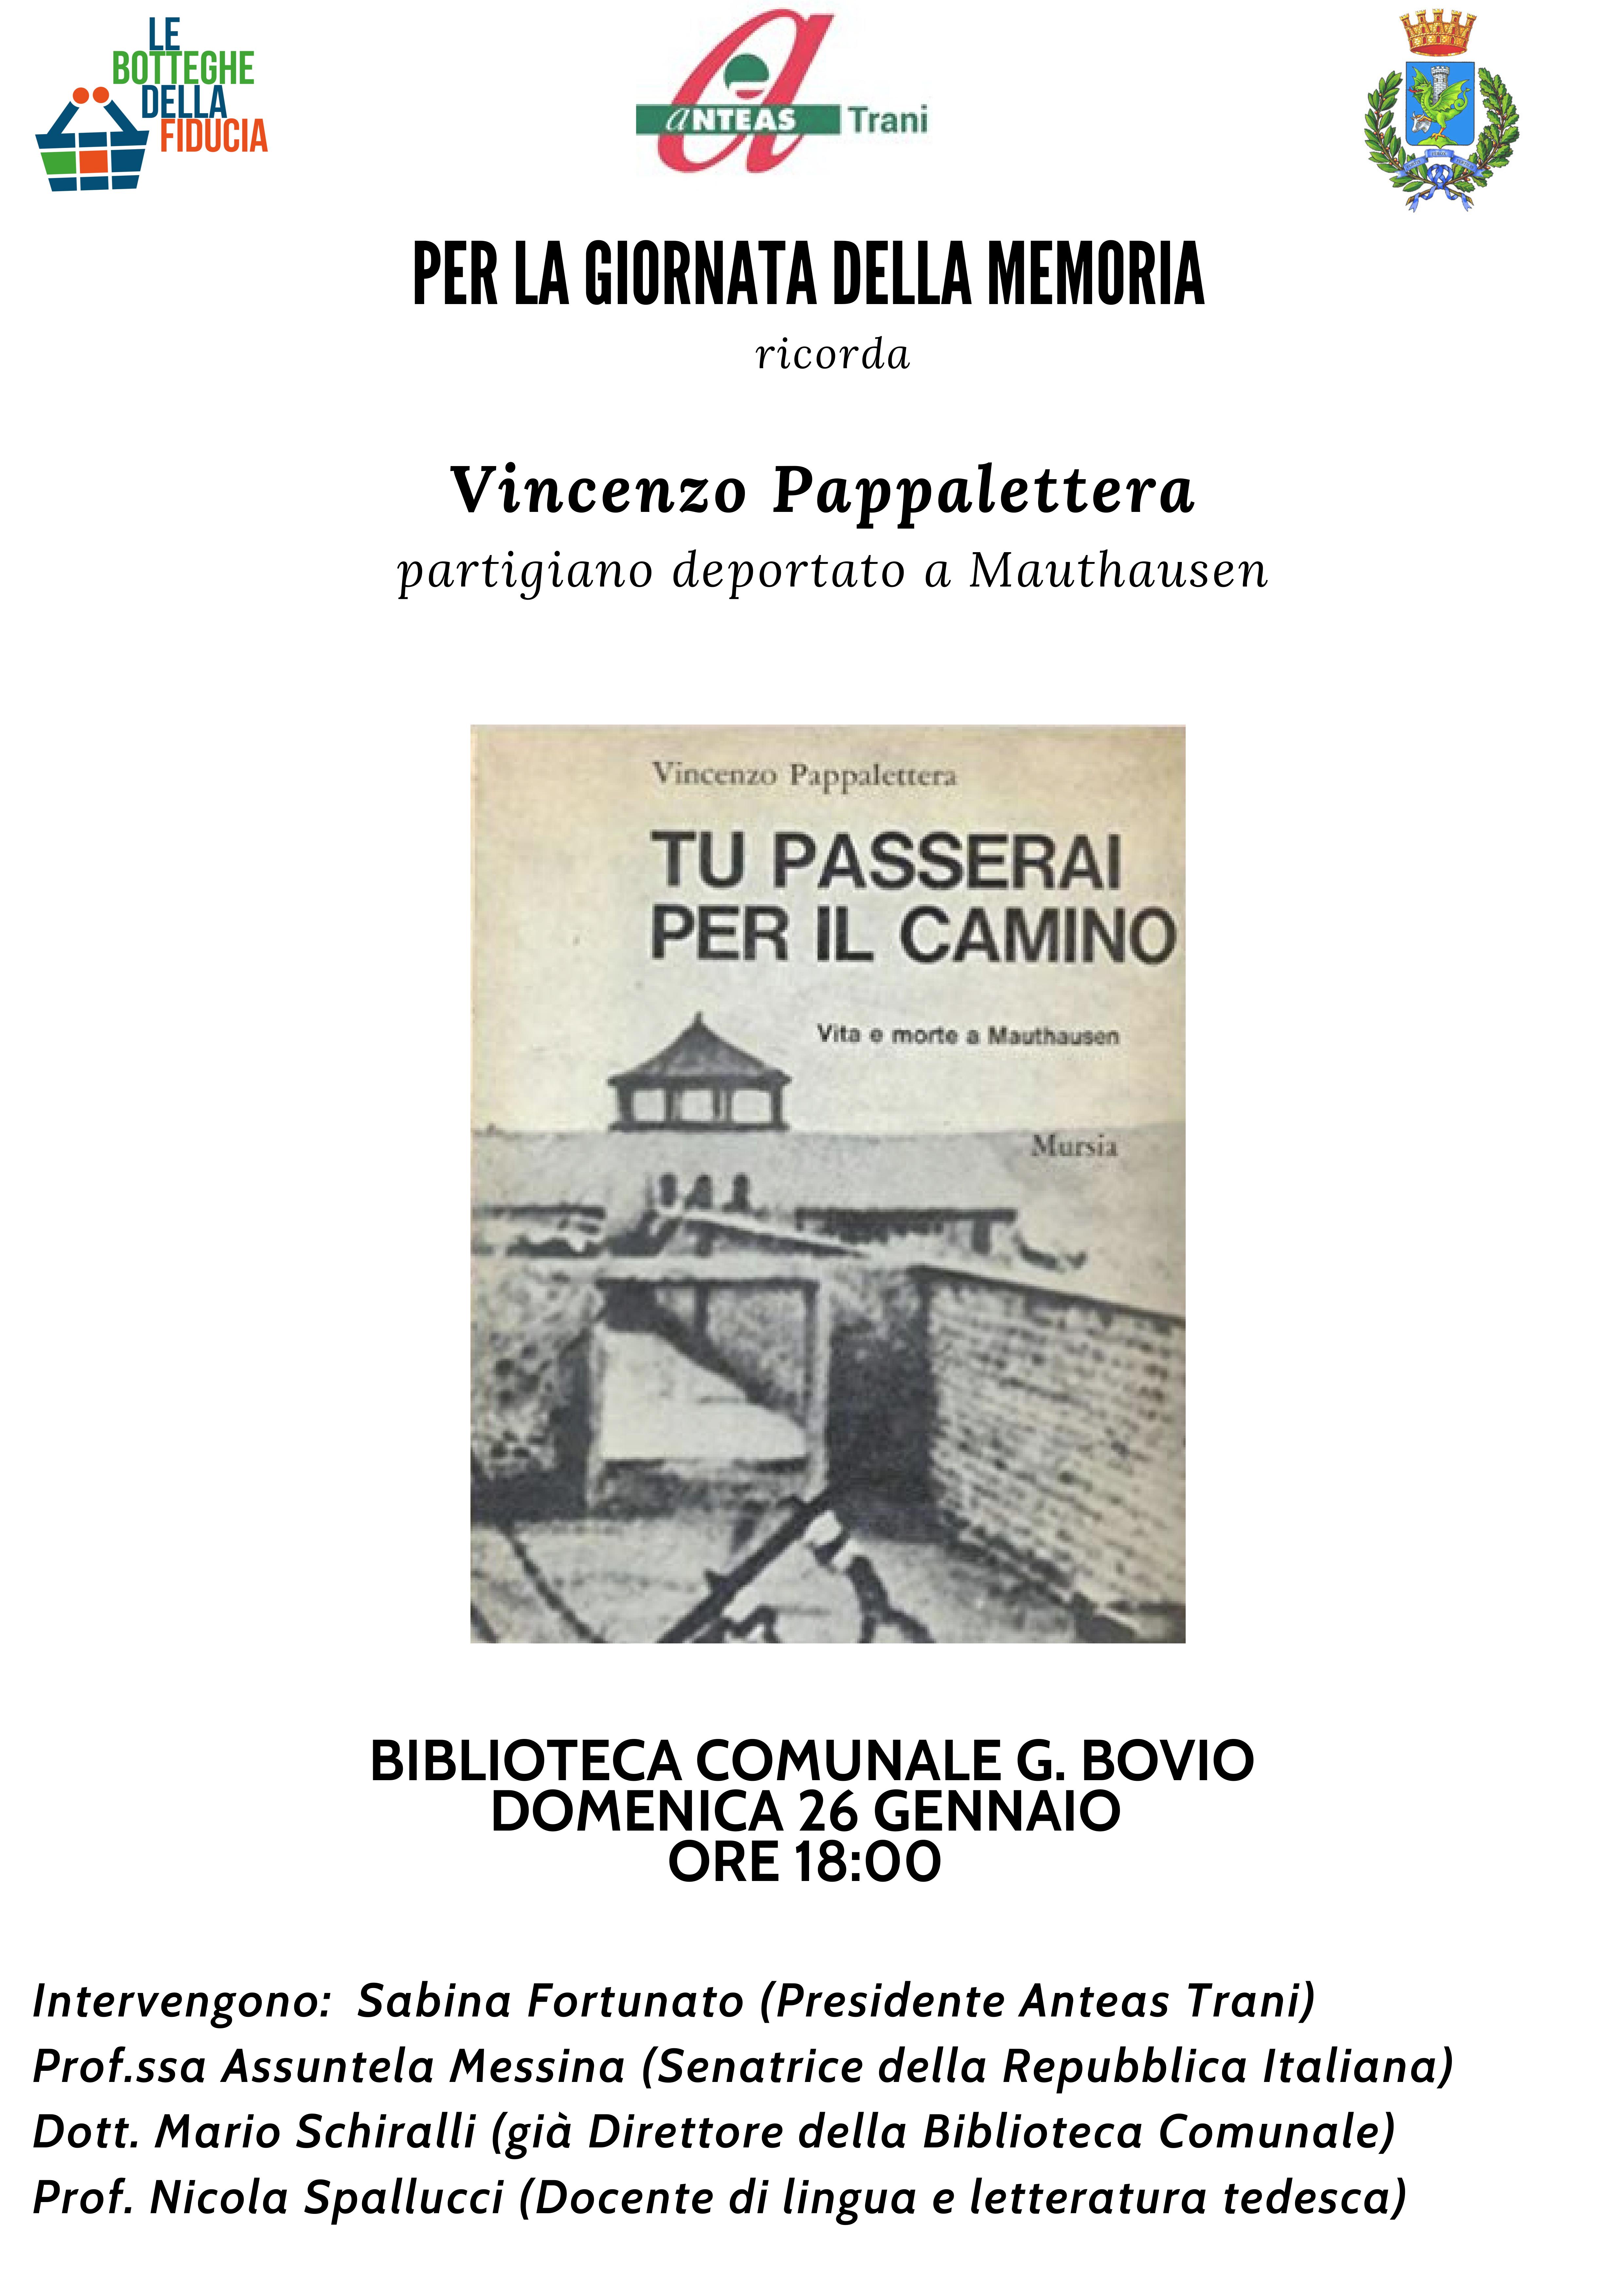 Locandina Vincenzo Pappalettera - Mauthausen - Giorno della Memoria 2020 ANTEAS Trani